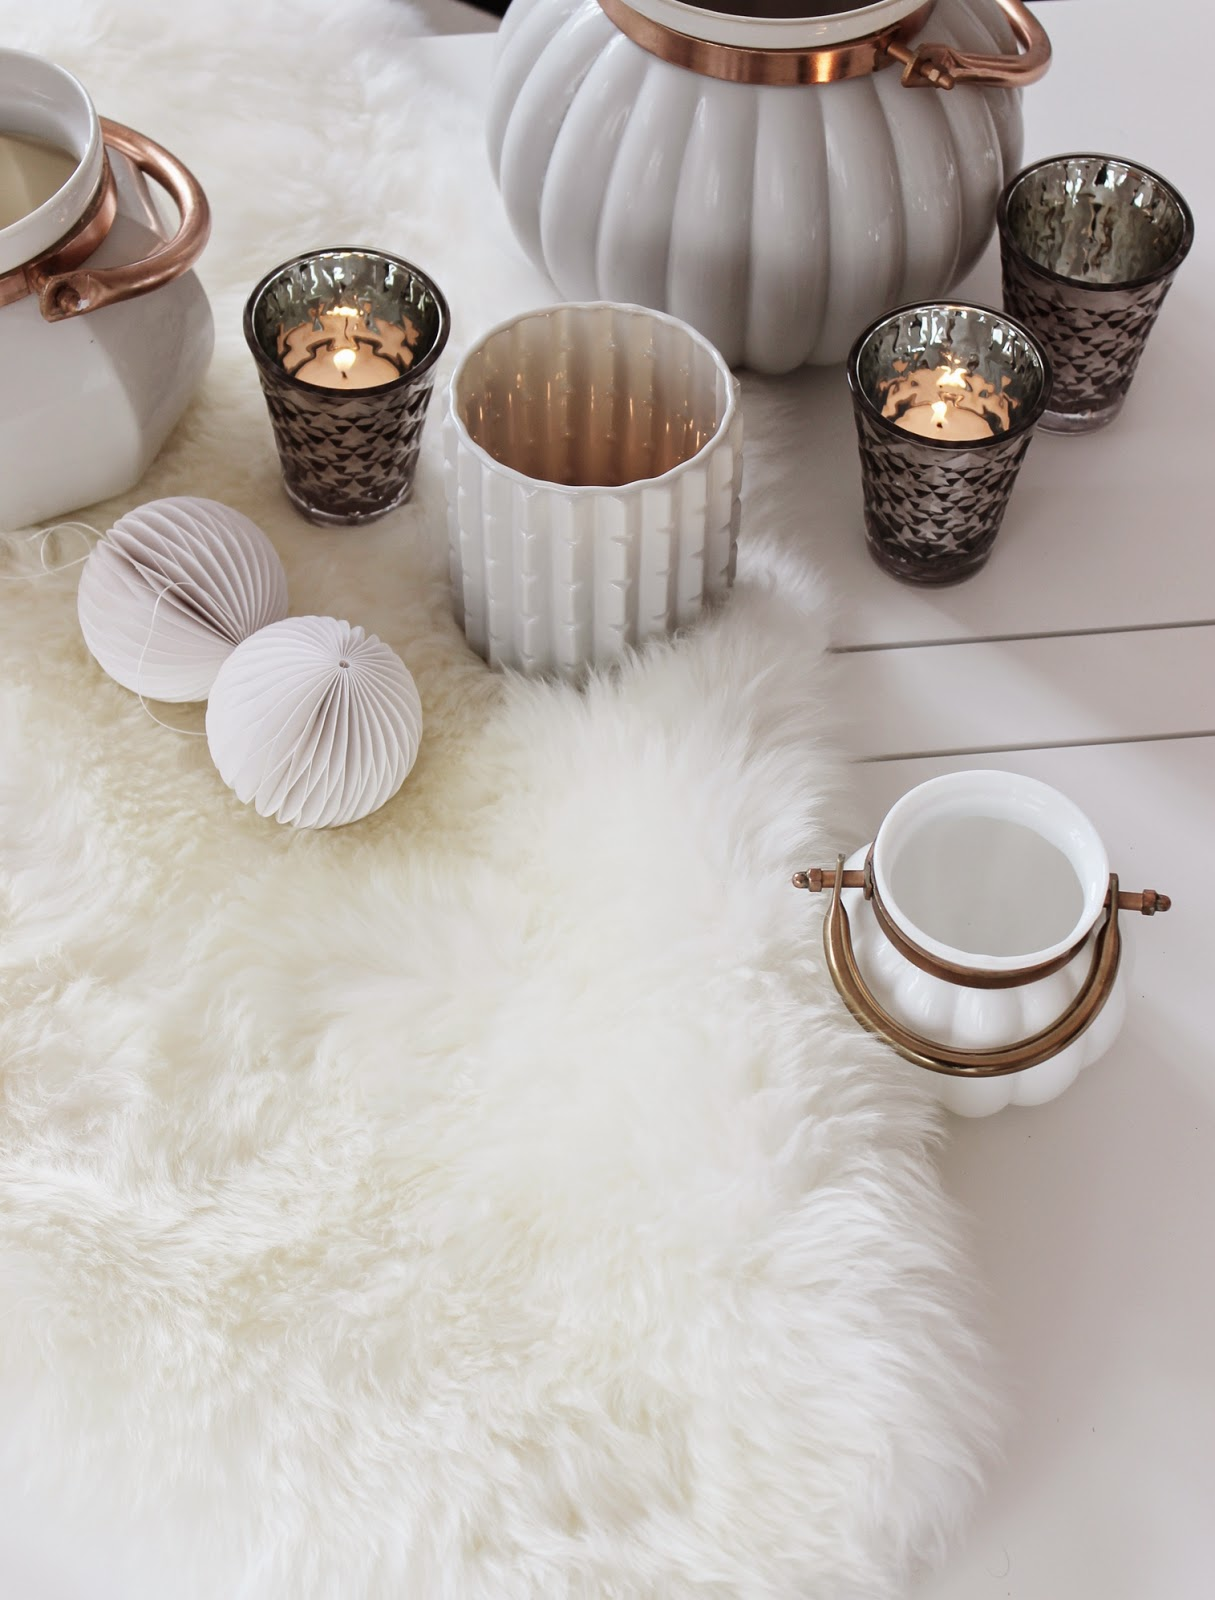 wohnidee24 sch n ist was gef llt gem tlichkeit zieht ins wohnzimmer ein. Black Bedroom Furniture Sets. Home Design Ideas